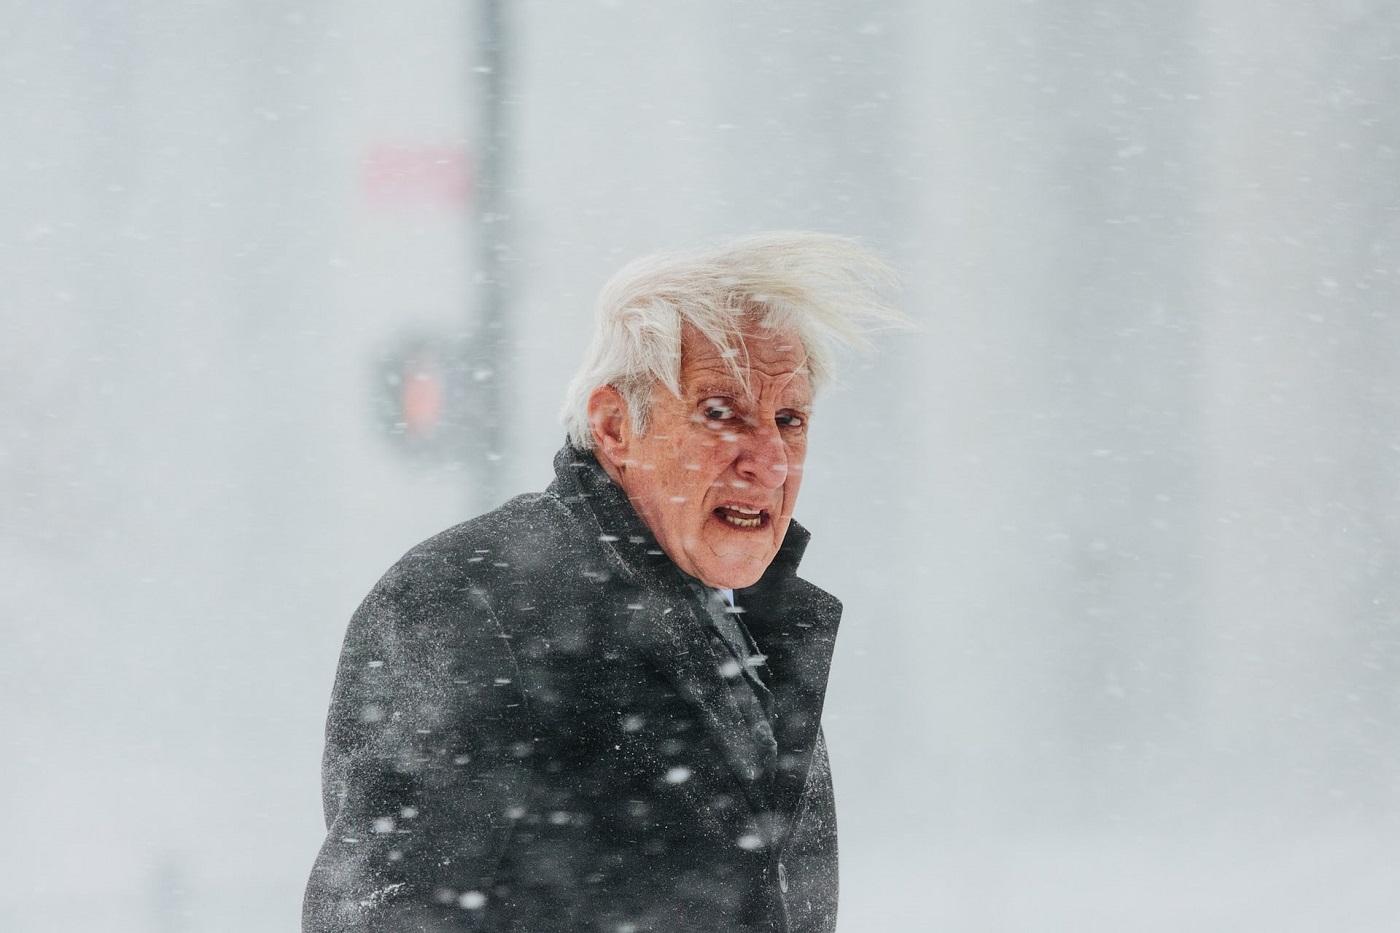 Бомбовый циклон и прогноз NASA января, Европе, дождь, земли, морозов, тепло, поверхности, настоящая, весна, которые, температуре, собирает, данные, Поэтому, воздуха, отметить, карте, горячих, точек, могут